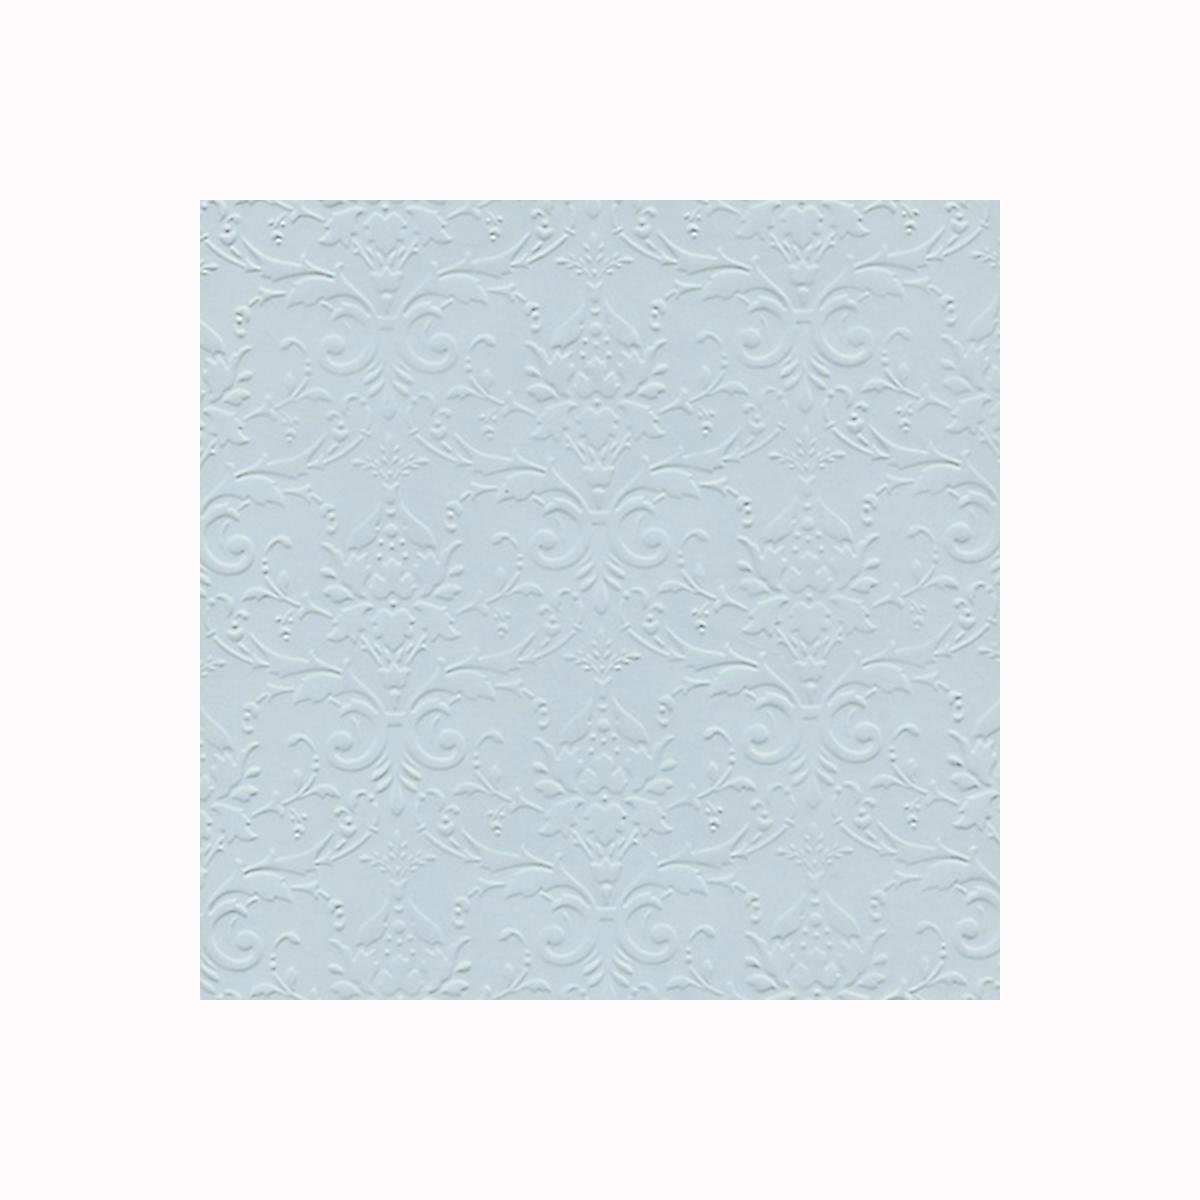 Бумага фактурная Лоза Дамасский узор, цвет: светло-голубой, 3 листаNLED-454-9W-BKФактурная бумага для скрапбукинга Лоза Дамасский узор позволит создать красивый альбом, фоторамку или открытку ручной работы, оформить подарок или аппликацию. Набор включает в себя 3 листа из плотной бумаги. Скрапбукинг - это хобби, которое способно приносить массу приятных эмоций не только человеку, который этим занимается, но и его близким, друзьям, родным. Это невероятно увлекательное занятие, которое поможет вам сохранить наиболее памятные и яркие моменты вашей жизни, а также интересно оформить интерьер дома.Плотность бумаги: 200 г/м2.